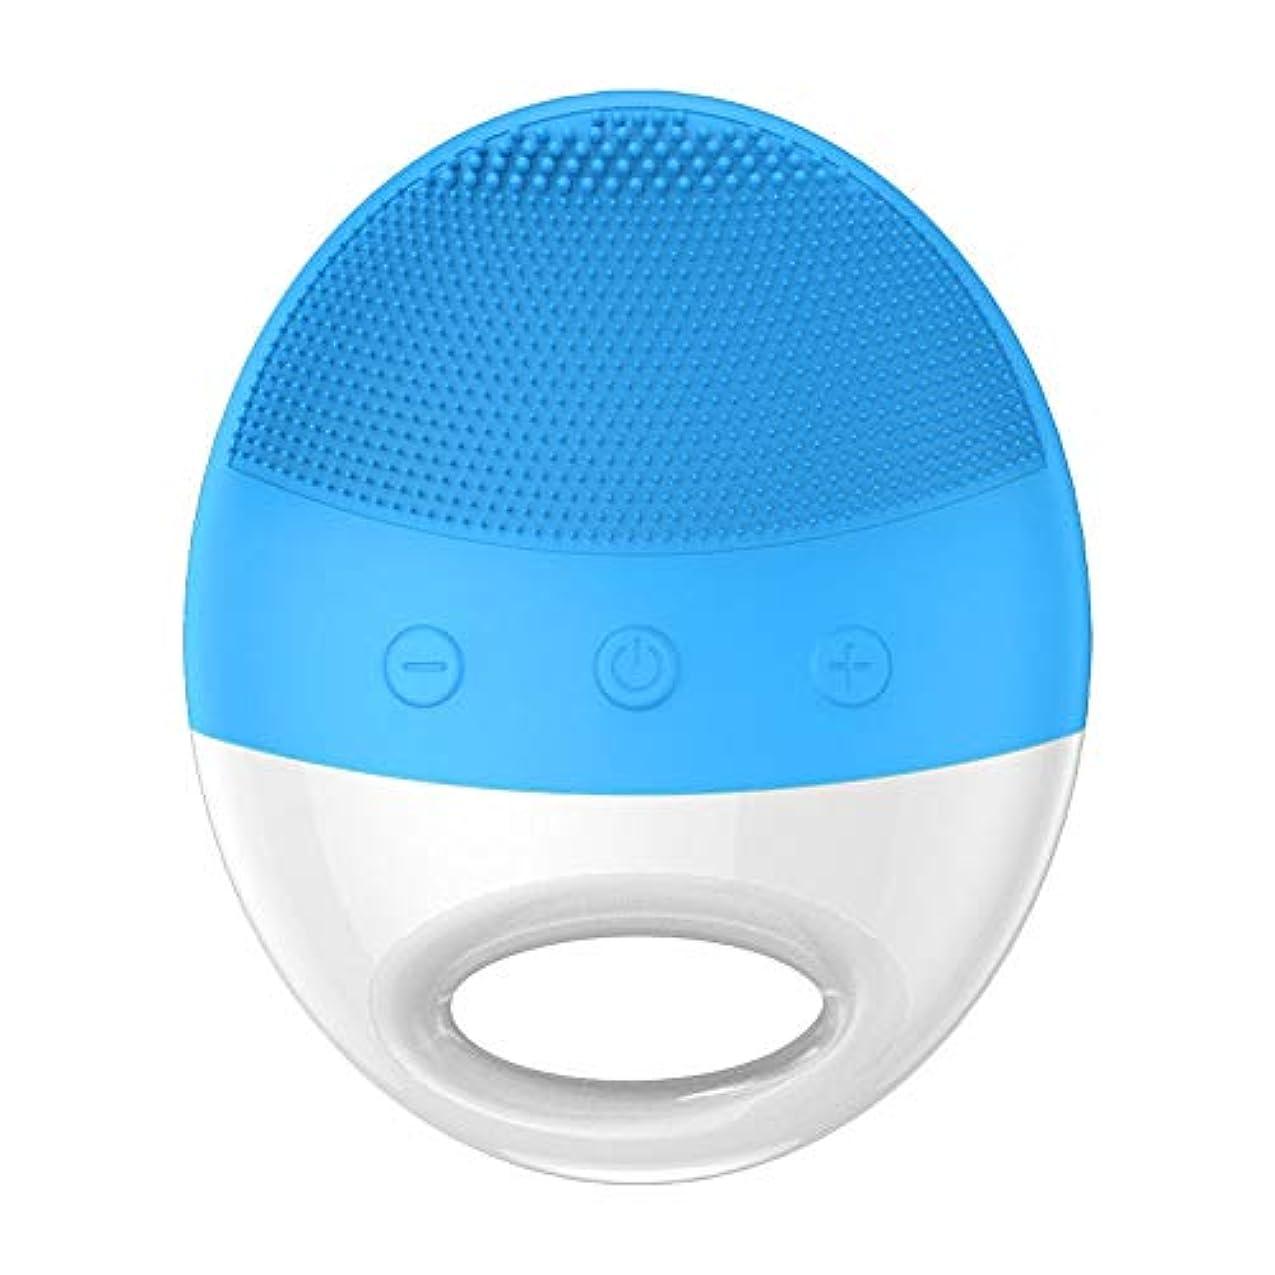 ページ流行歩き回る超音波美の洗浄器械の電気シリコーンの洗浄のアーティファクトの気孔のクリーニングの器械 (Color : Blue)